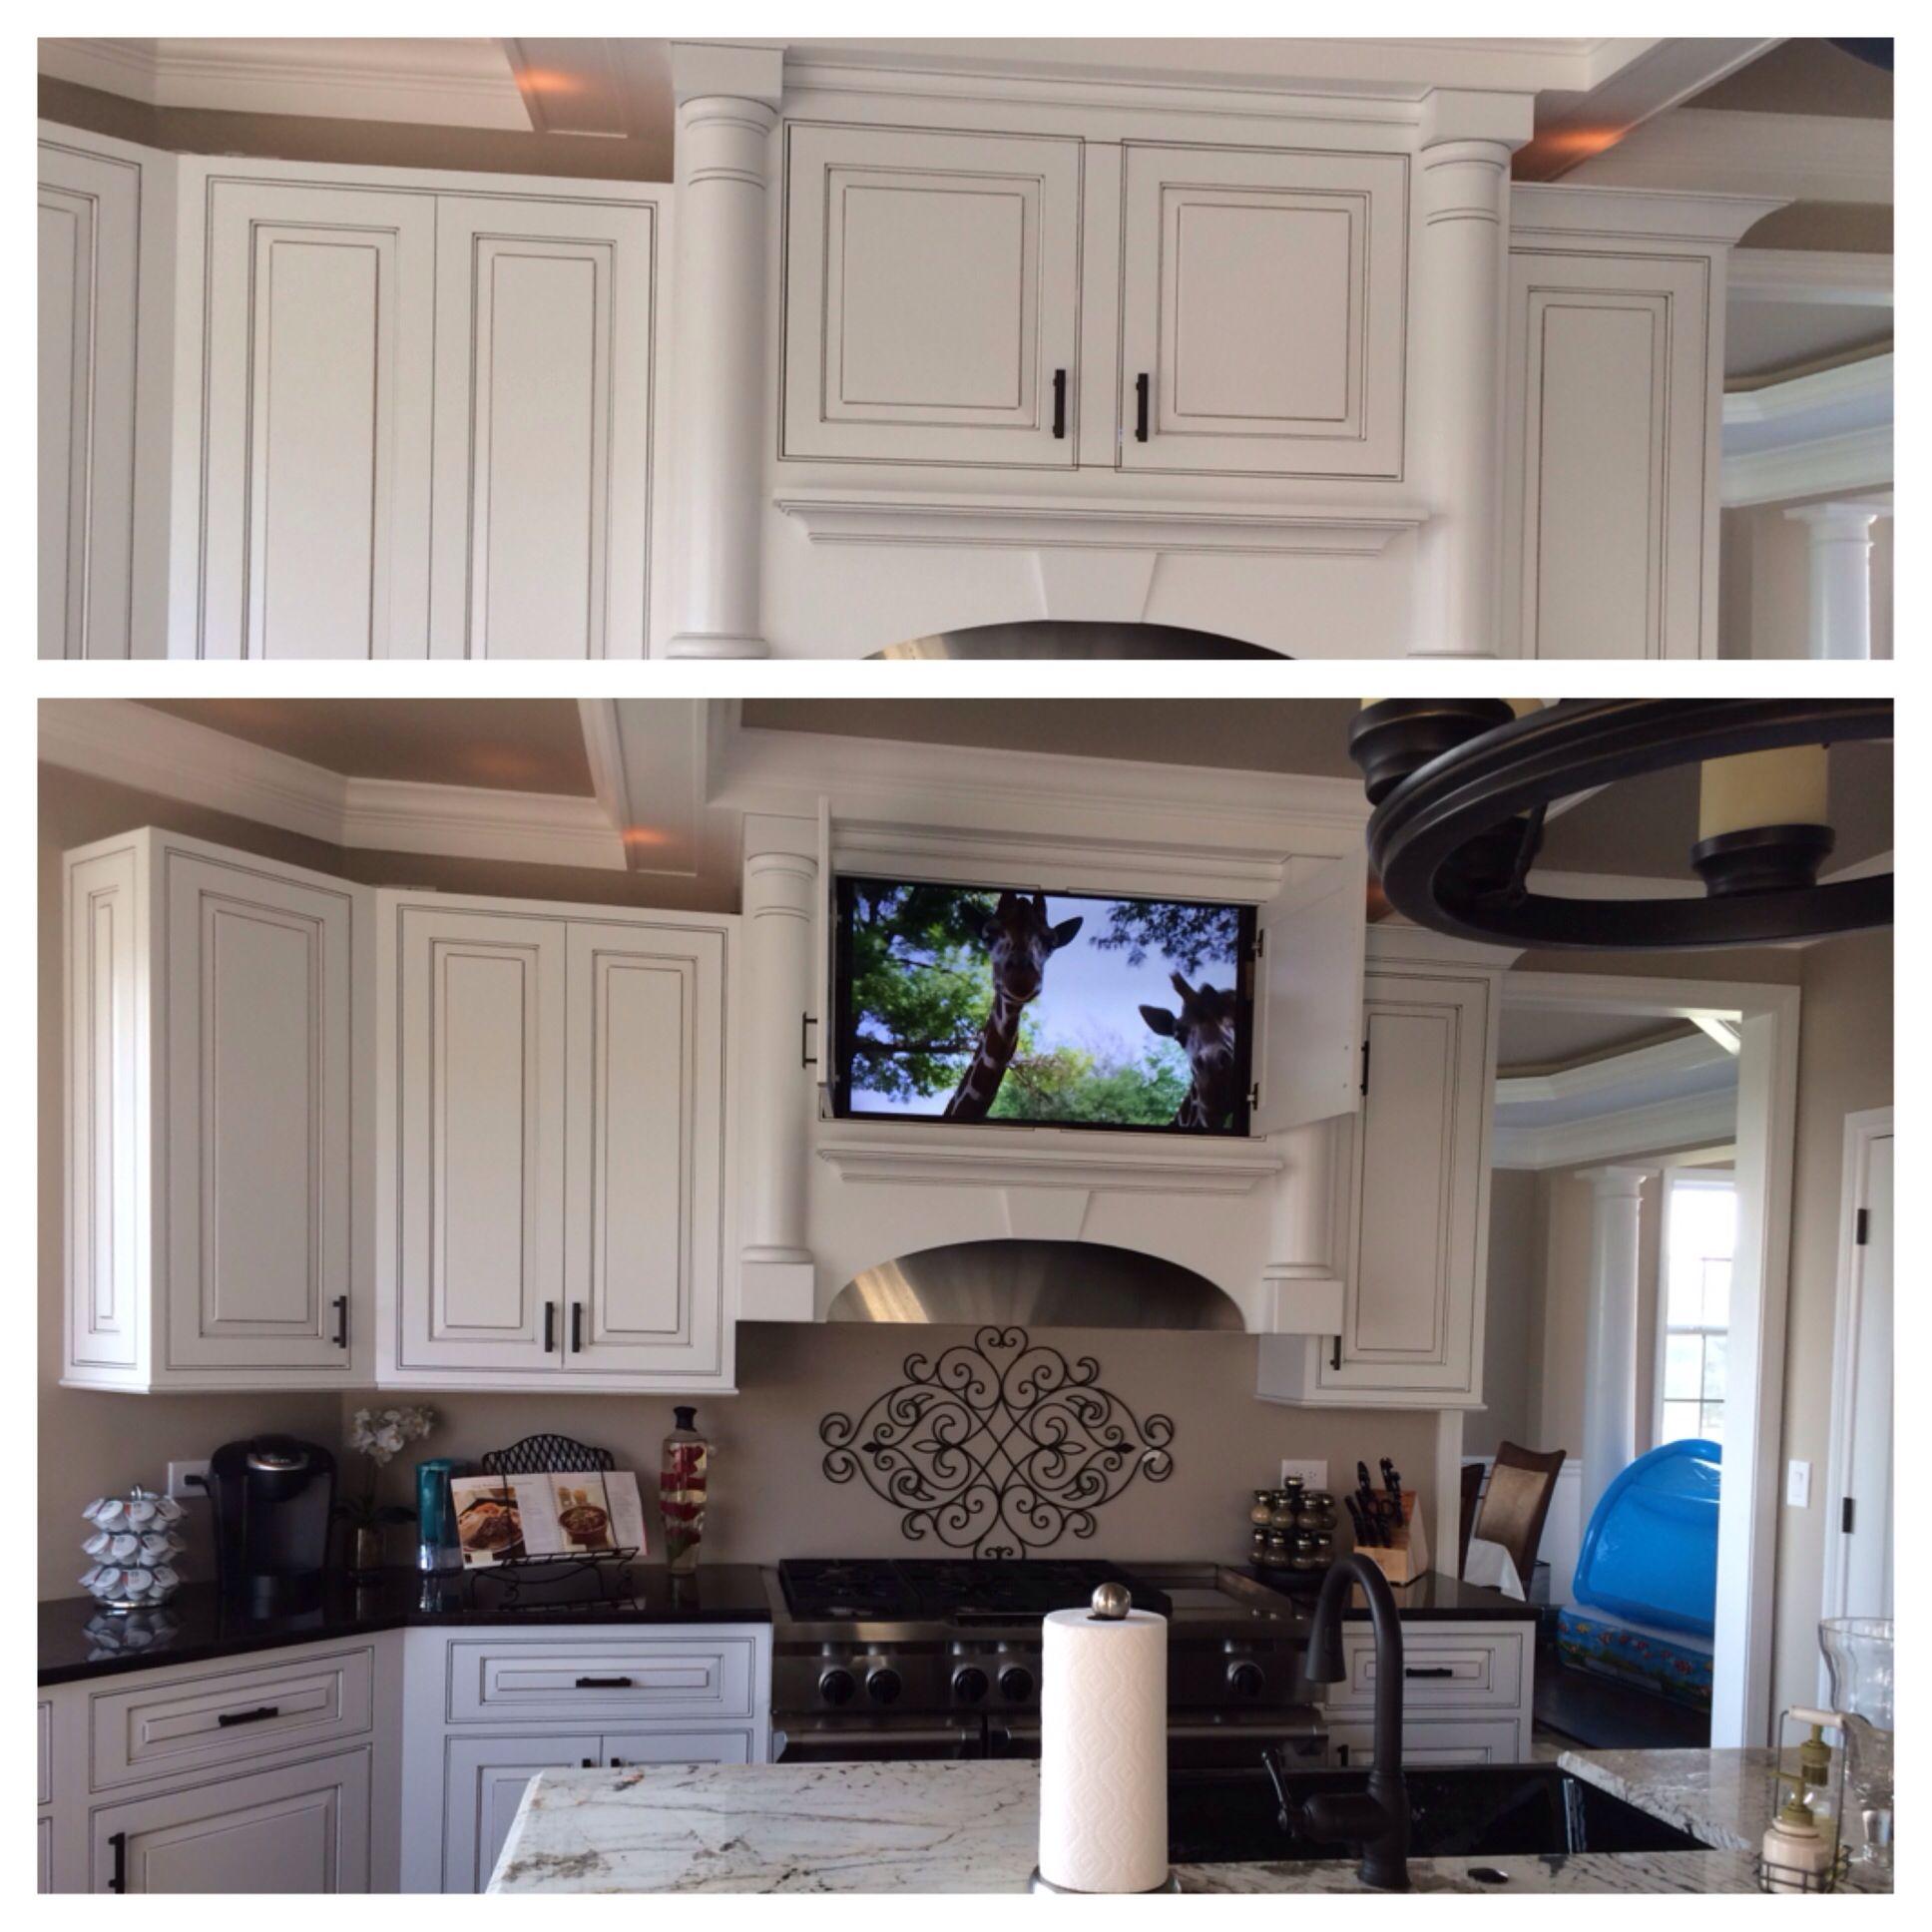 Hidden Tv In Kitchen Cabinet Kitchen Remodel White Cabinets With Black Glaze Tv In Kitchen Kitchen Remodel Kitchen